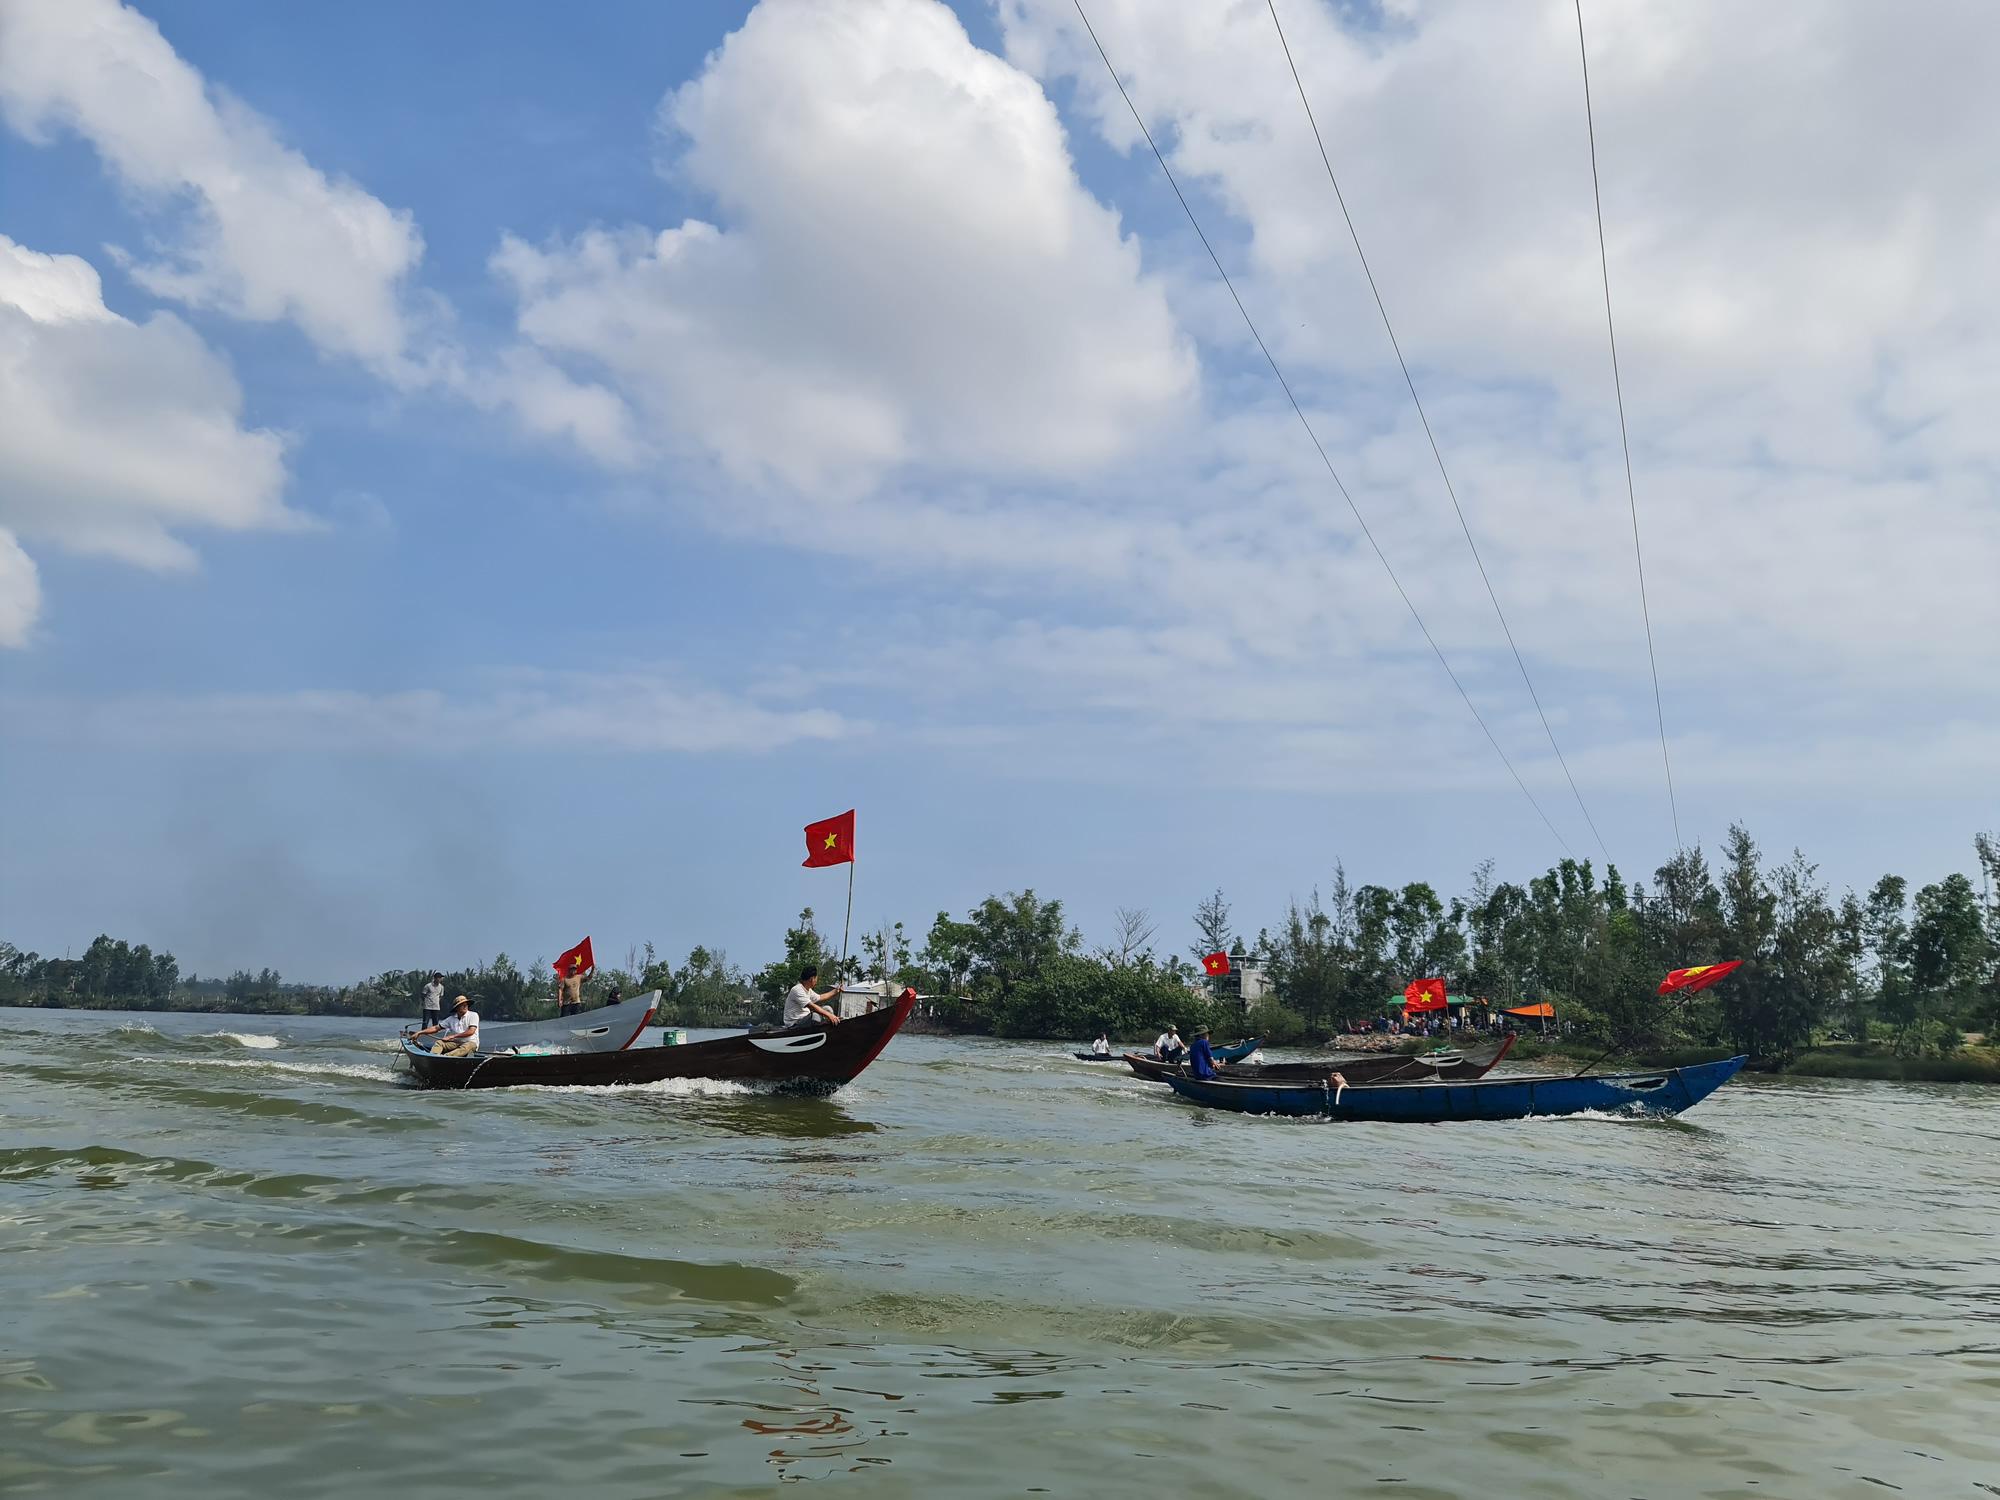 """Quảng Nam: Cắm cờ đỏ sao vàng trên ghe, dân làng nghề  """"bạt sóng"""" lấy lộc đầu năm   - Ảnh 8."""